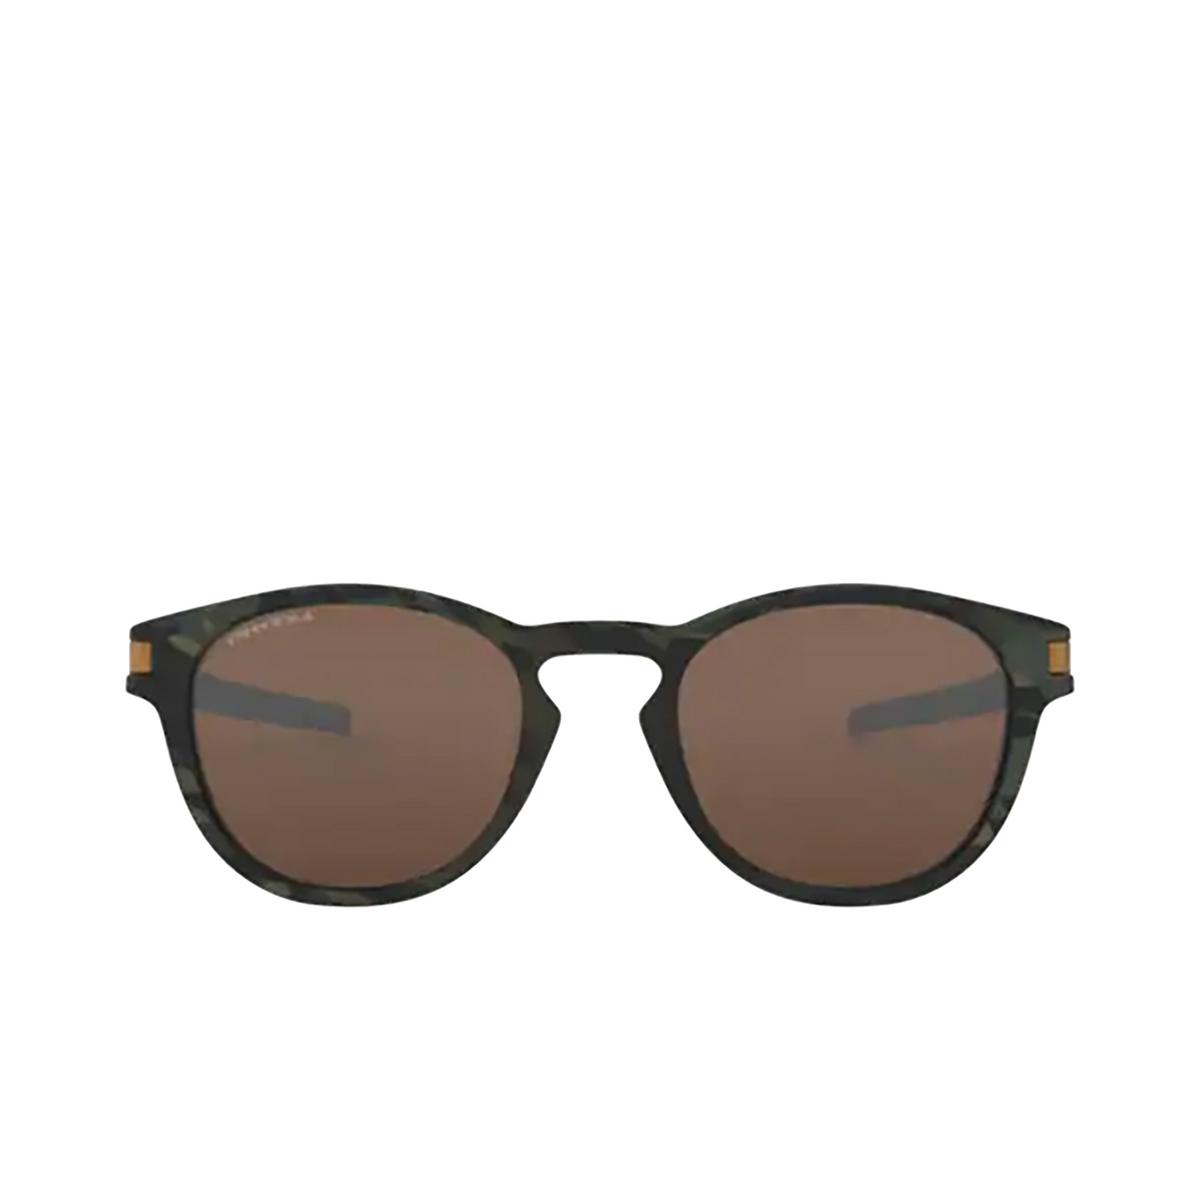 Oakley® Round Sunglasses: Latch OO9265 color Matte Olive Camo 926531 - 1/3.